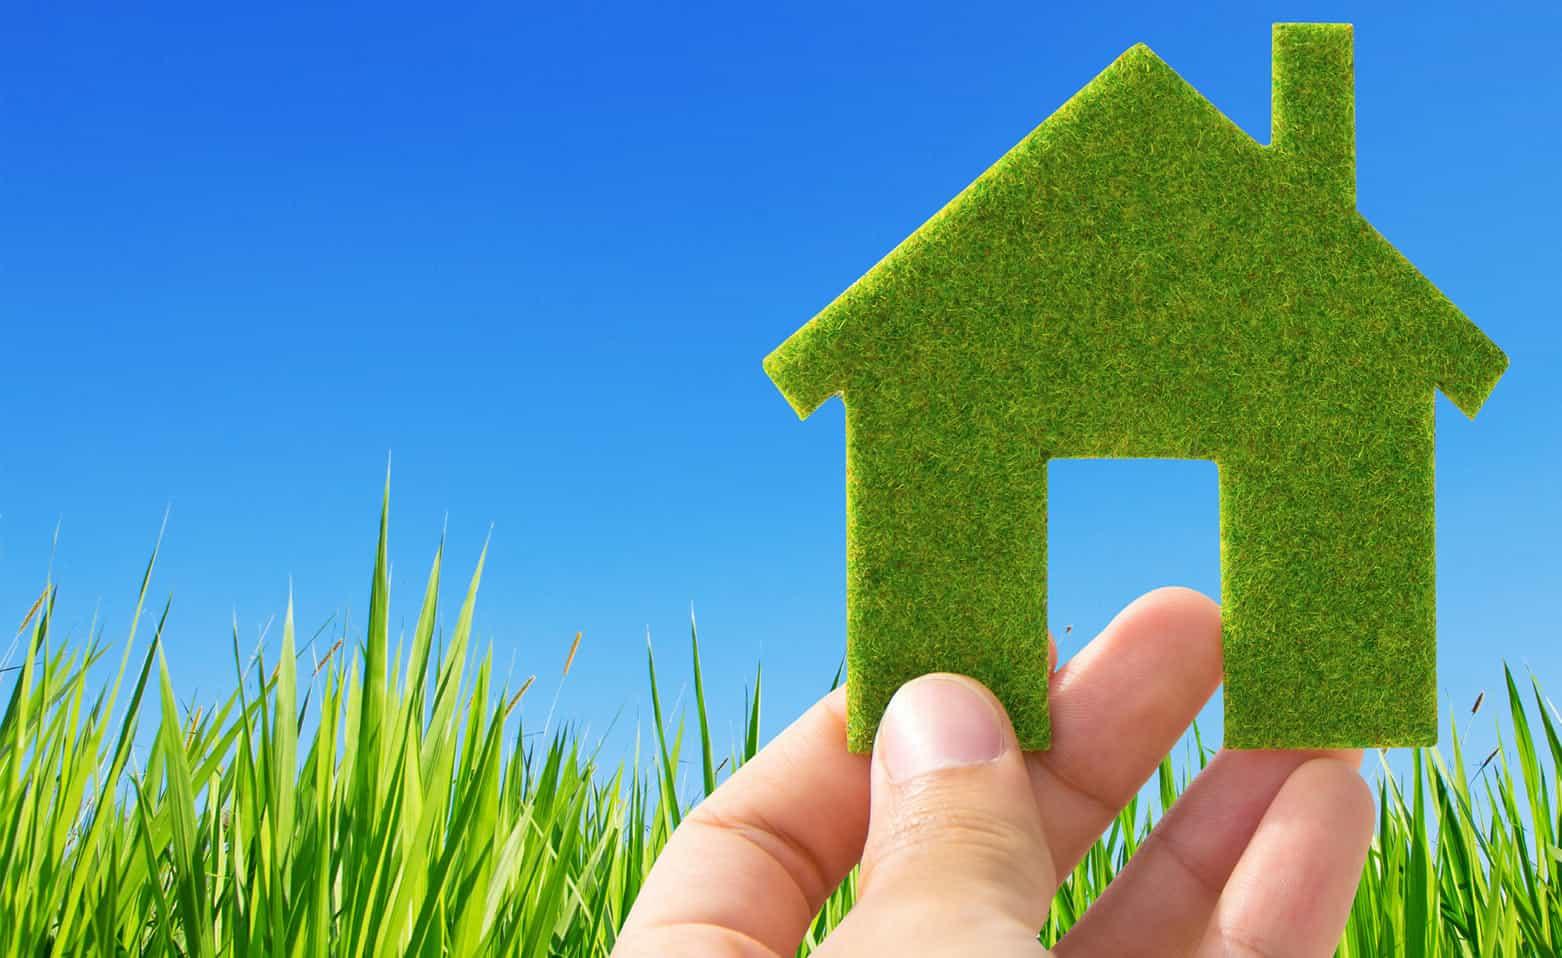 É preciso seguir certas condições para garantir a sustentabilidade na construção civil.